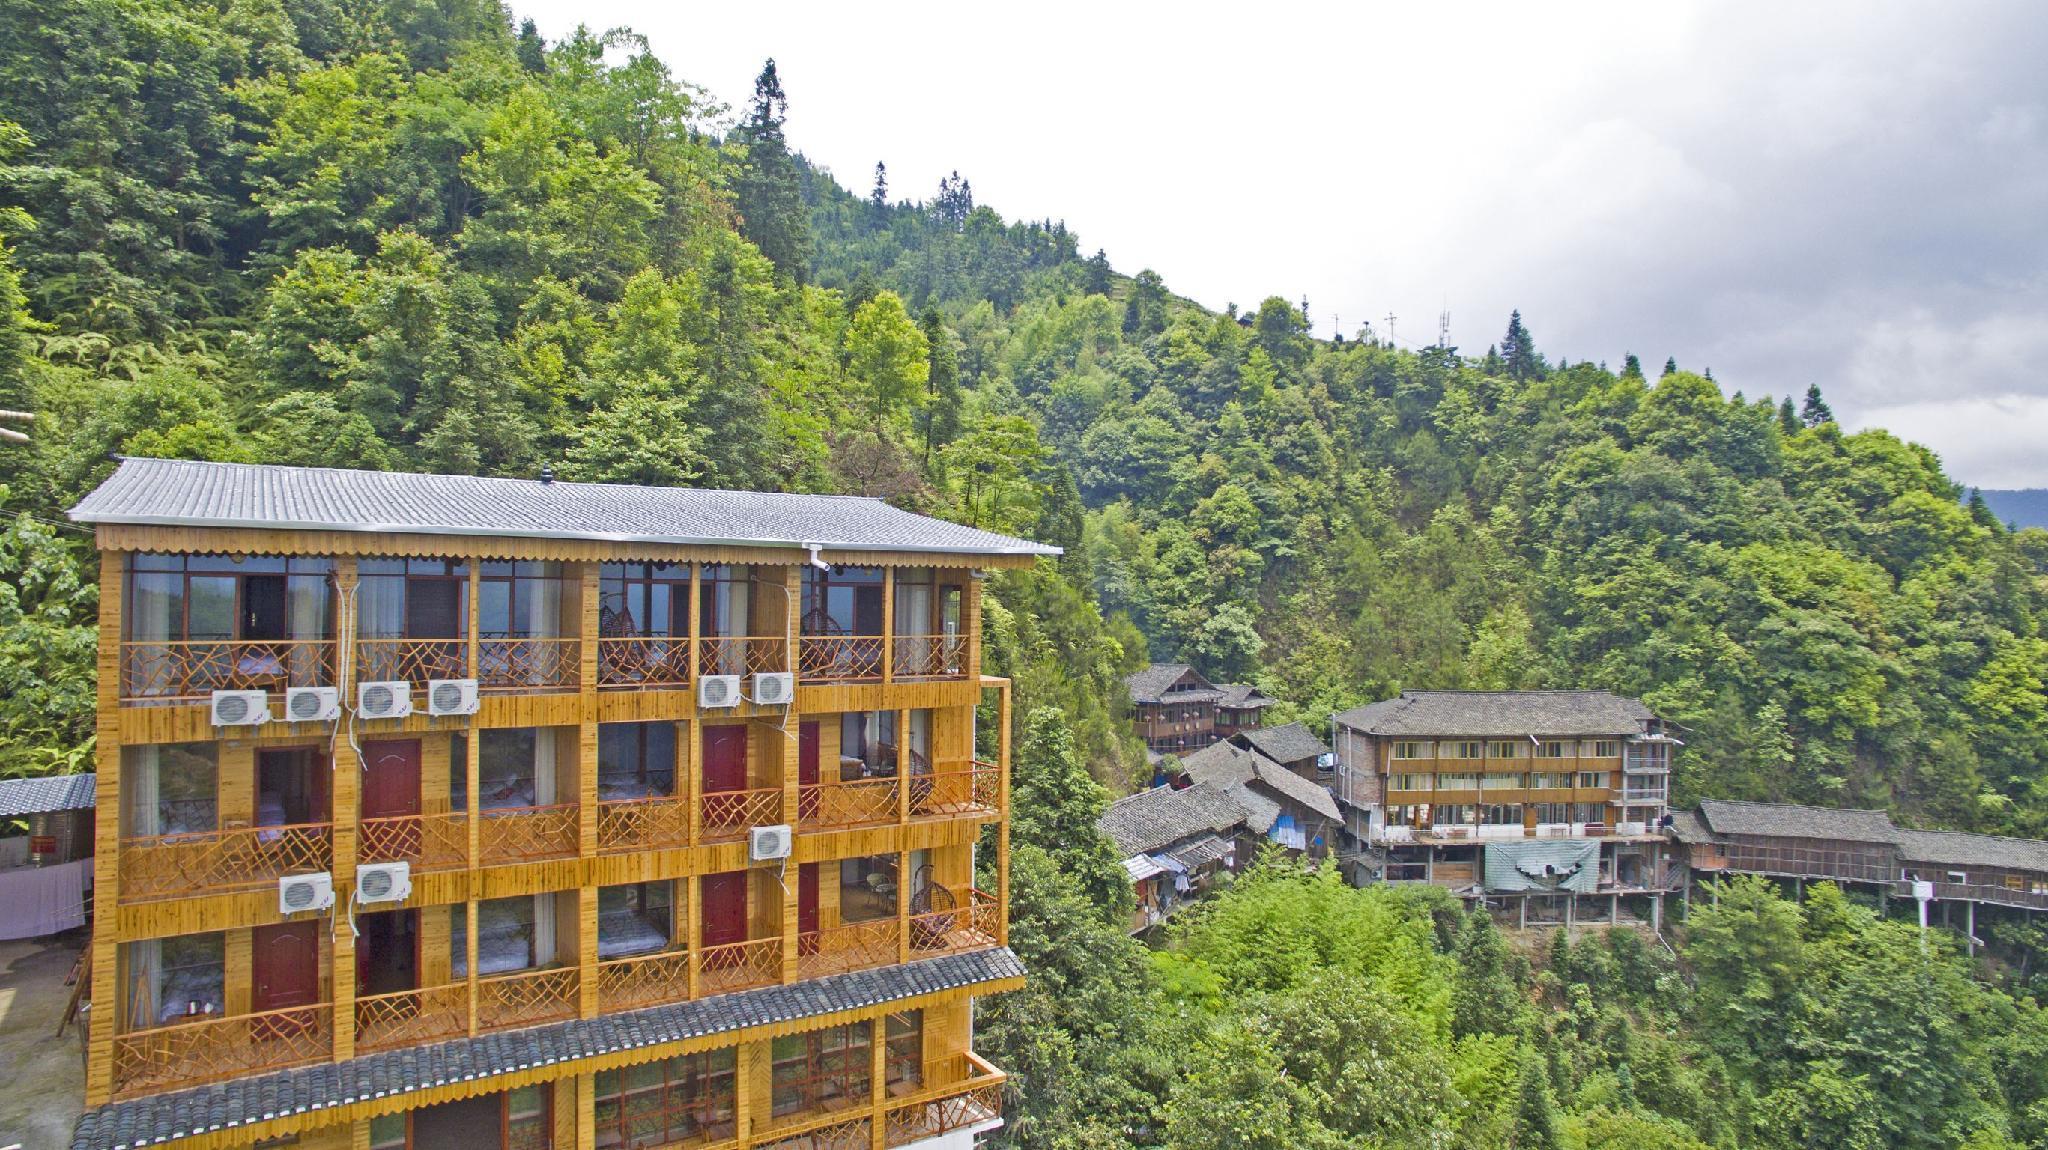 Guilin Longsheng Longji Colorful Cloud Zhenpin Hotel